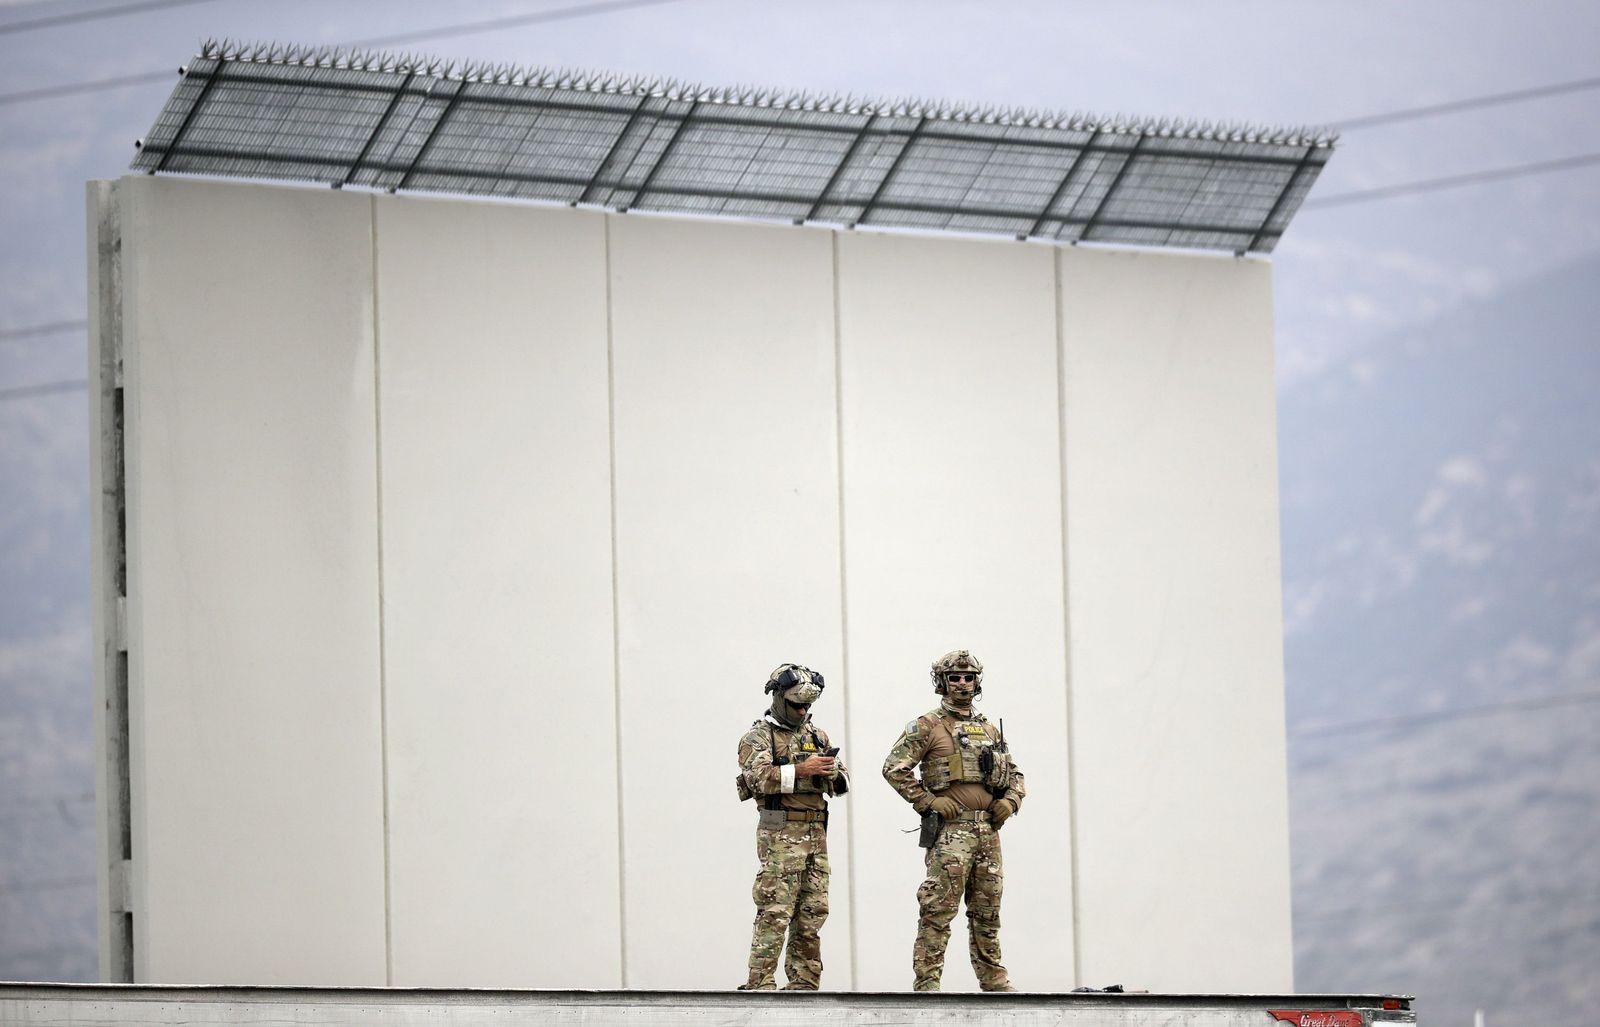 Prototypen von Trumps Mauer zu Mexiko